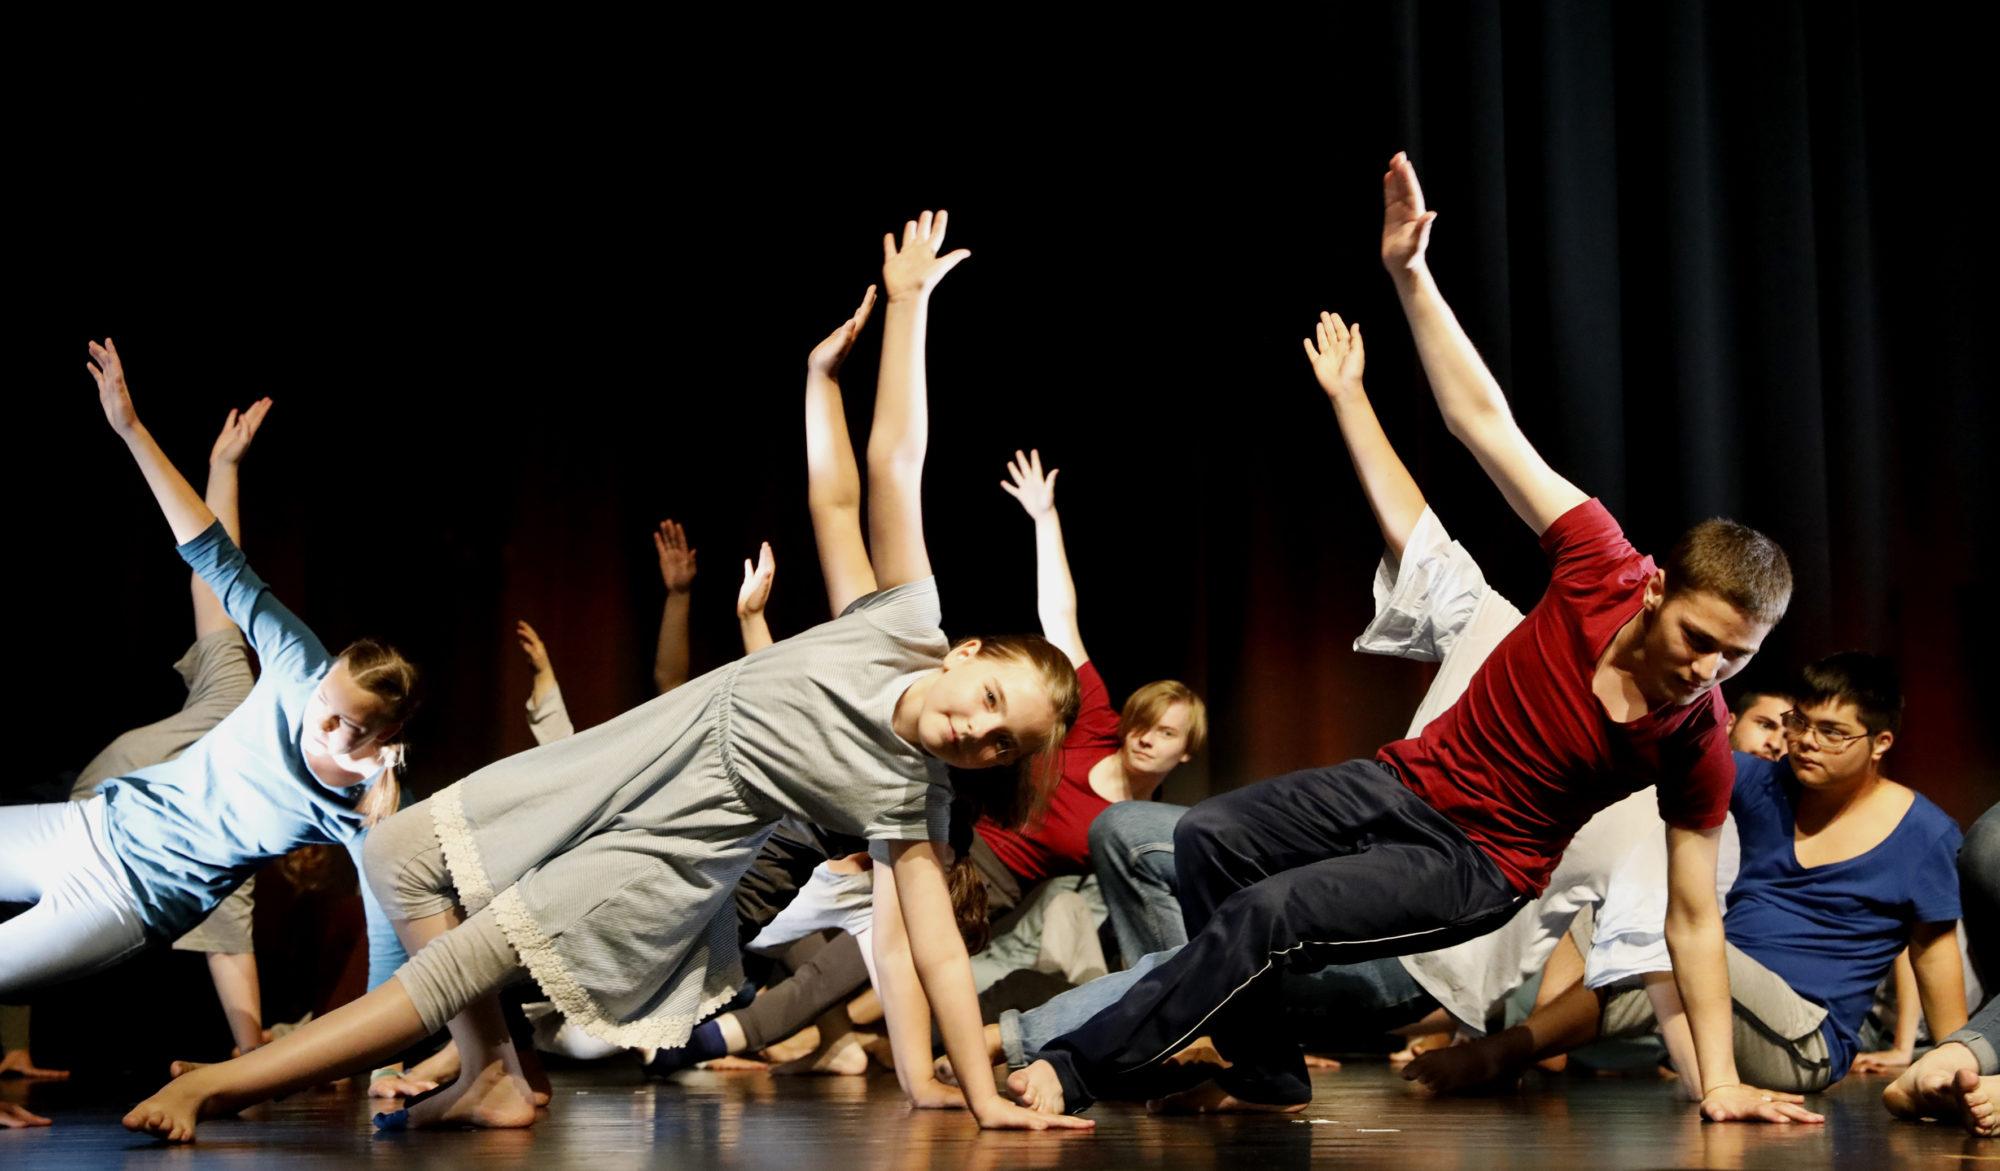 Präsentation des inklusiven Tanzprojekts in der Clauberg-Halle - Klavier-Festival Ruhr